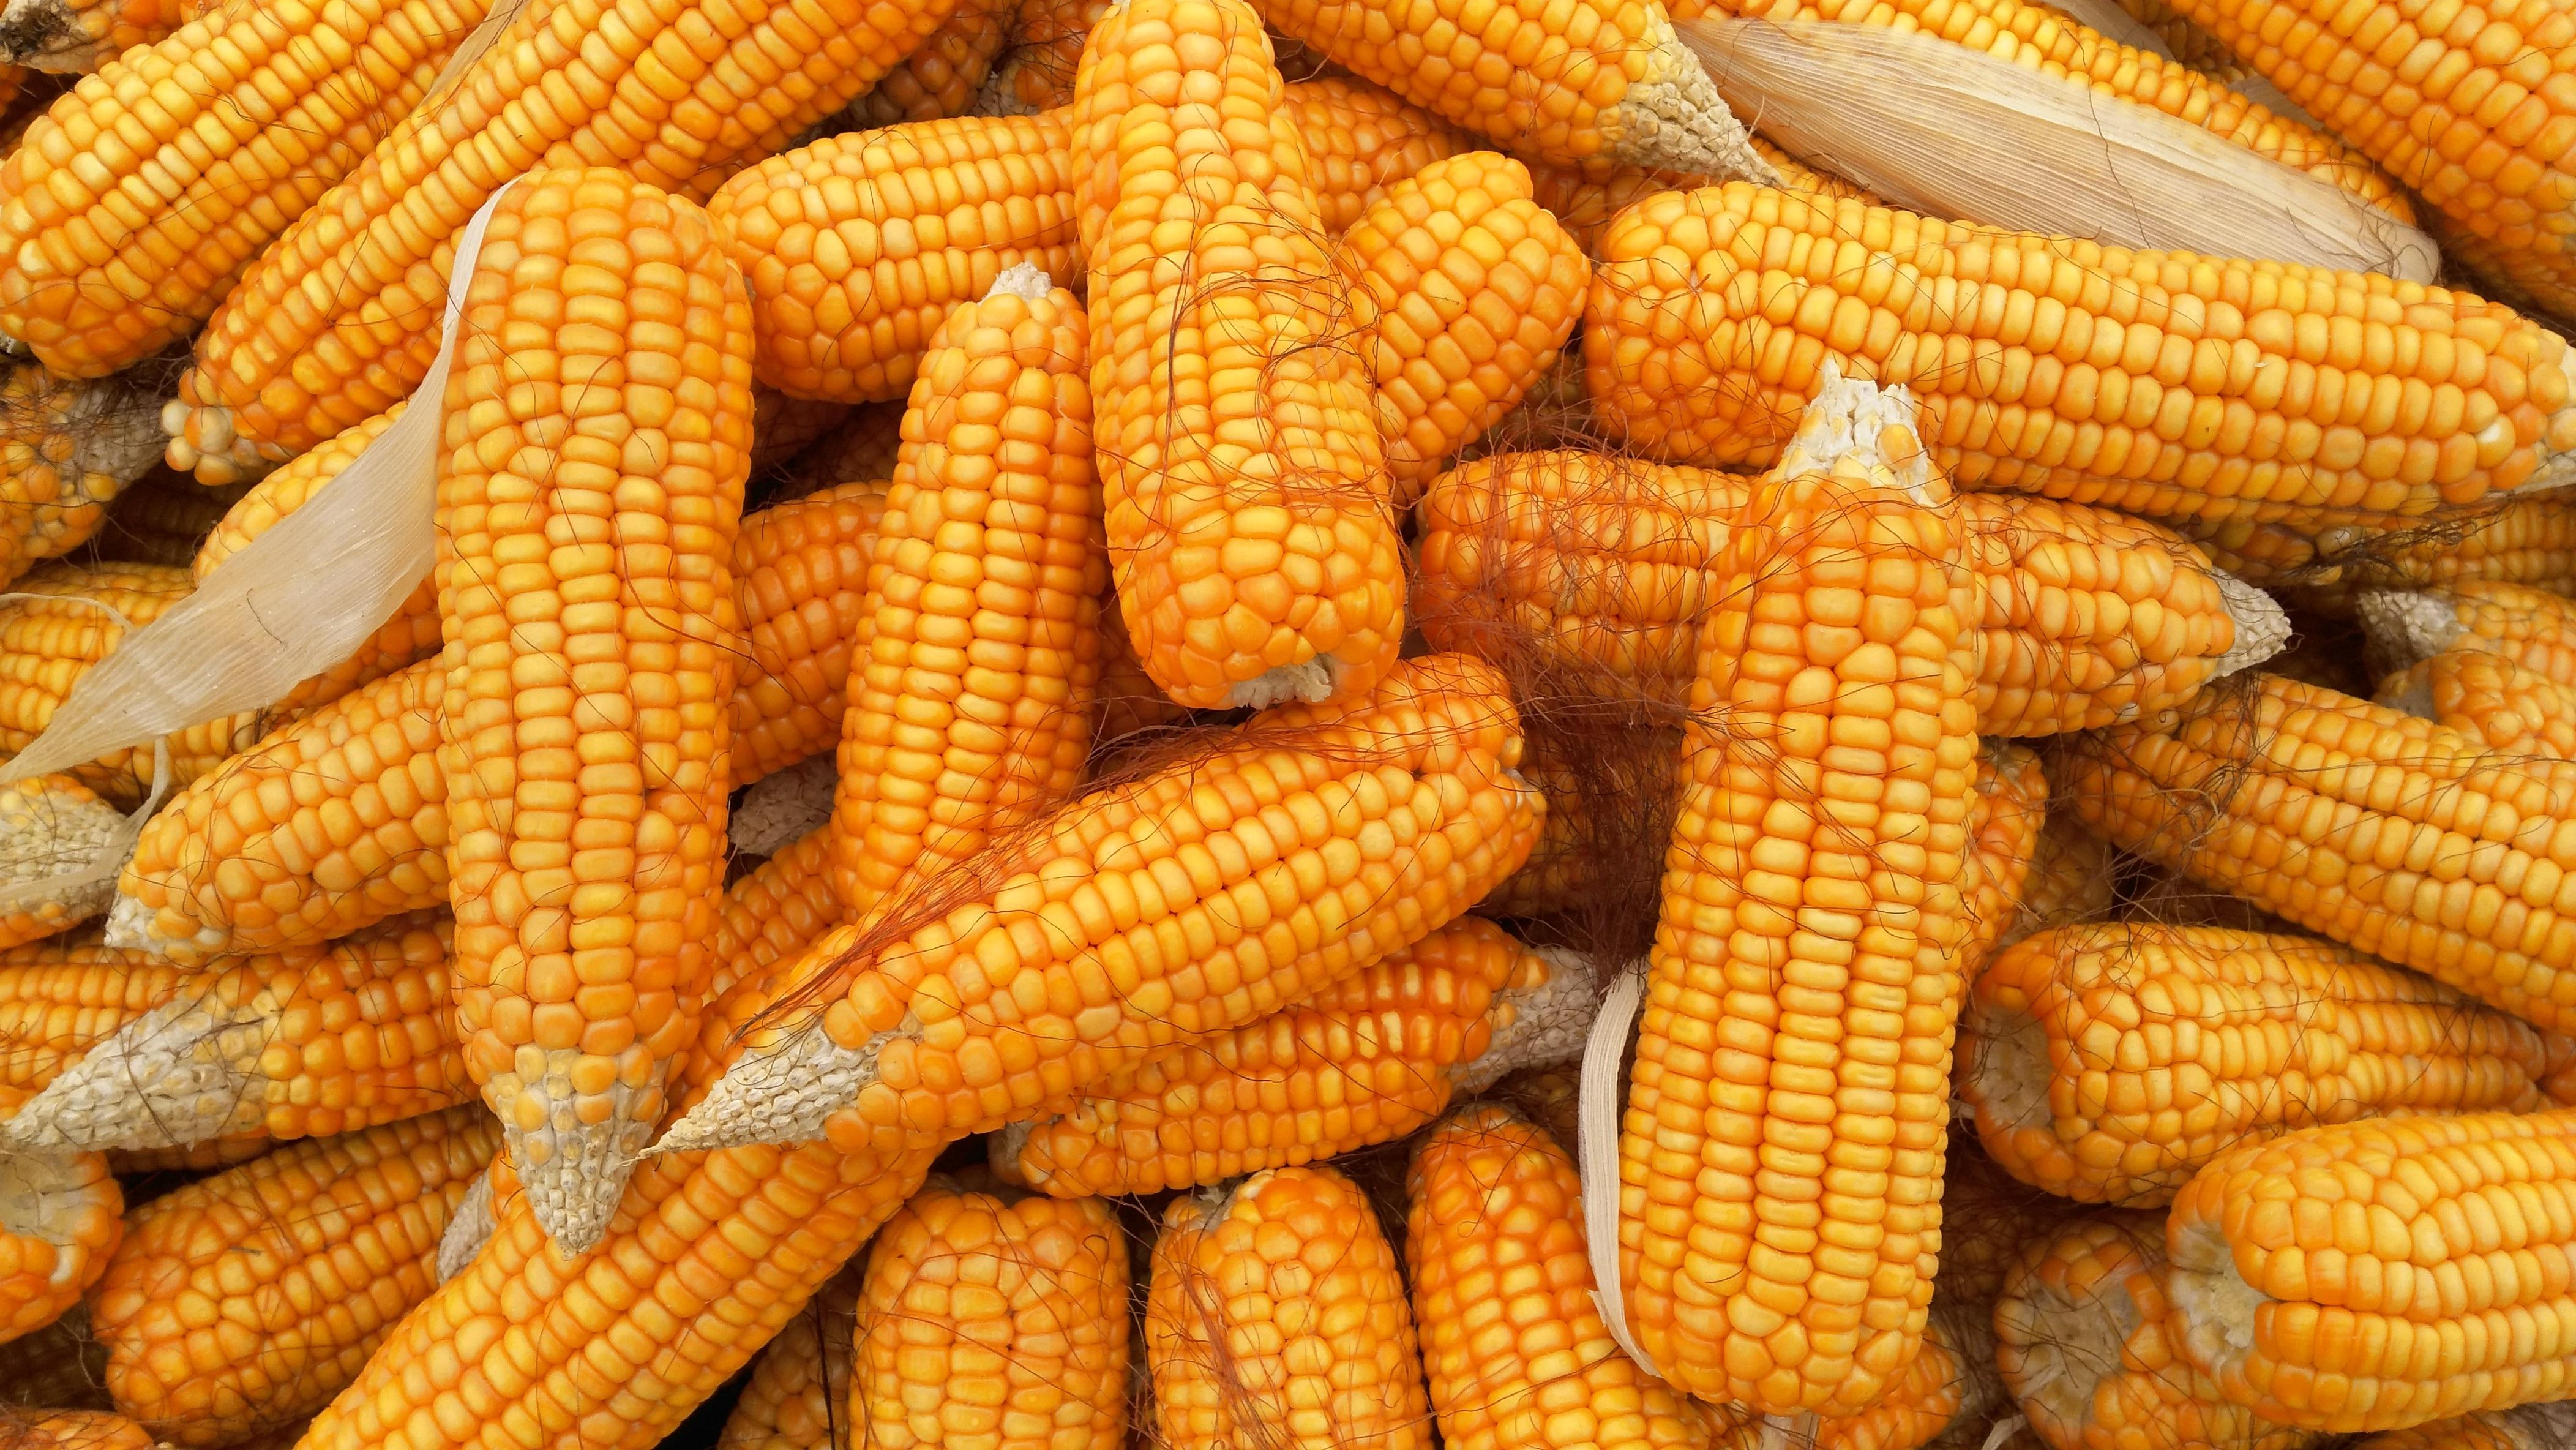 Ir a La mayoría de la UE vota no a los nuevos maíces transgénicos